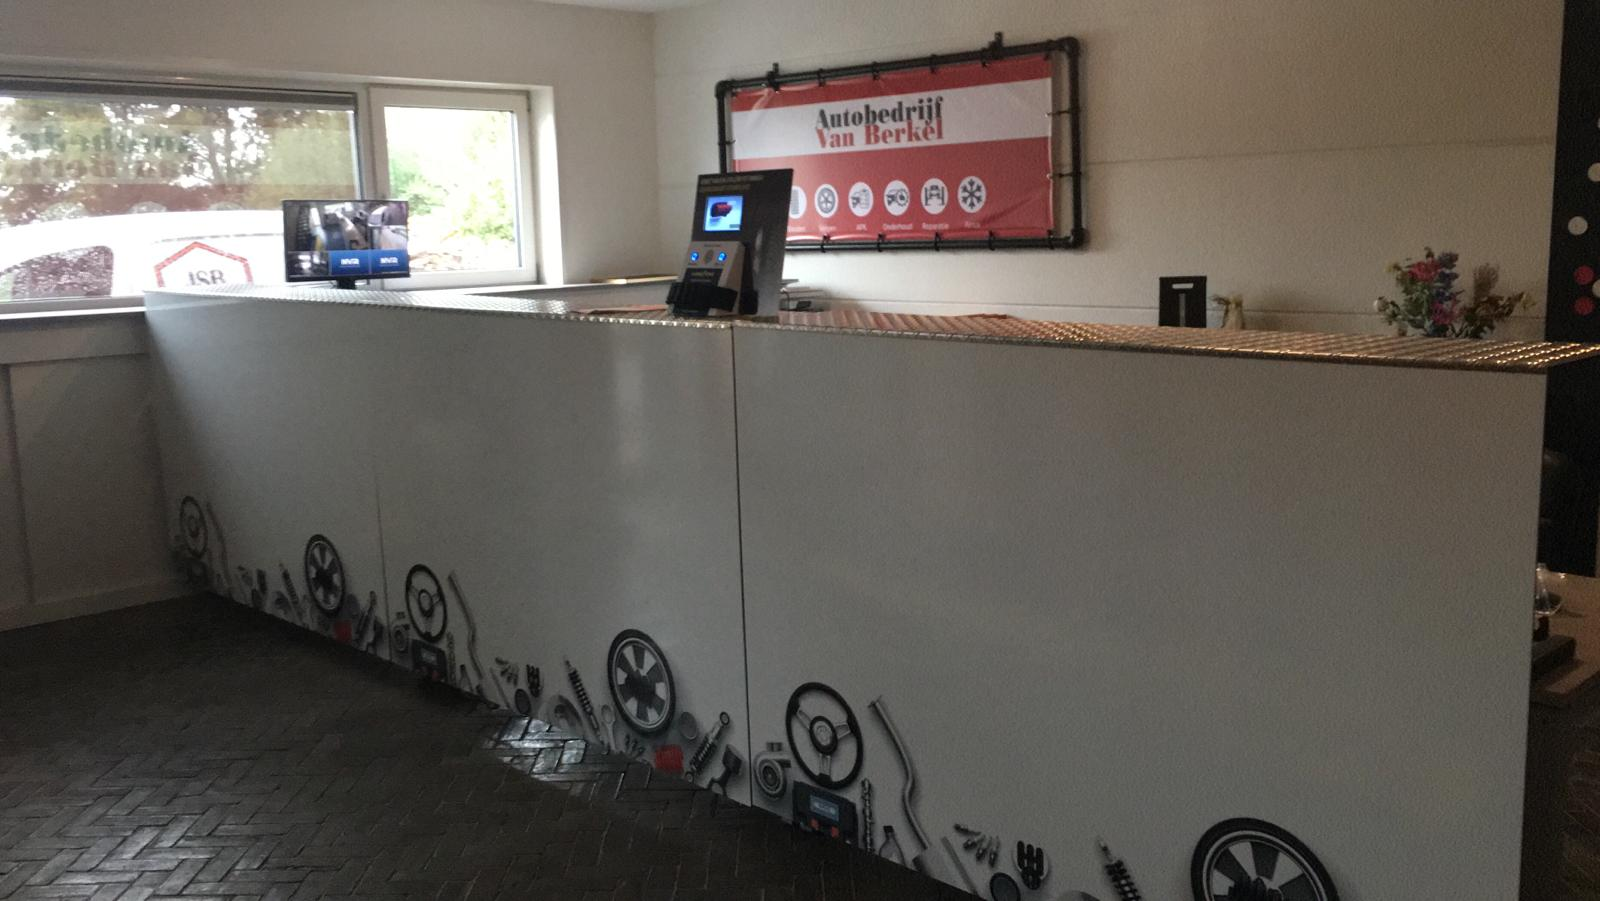 Receptie Autobedrijf van Berkel Steenwijk